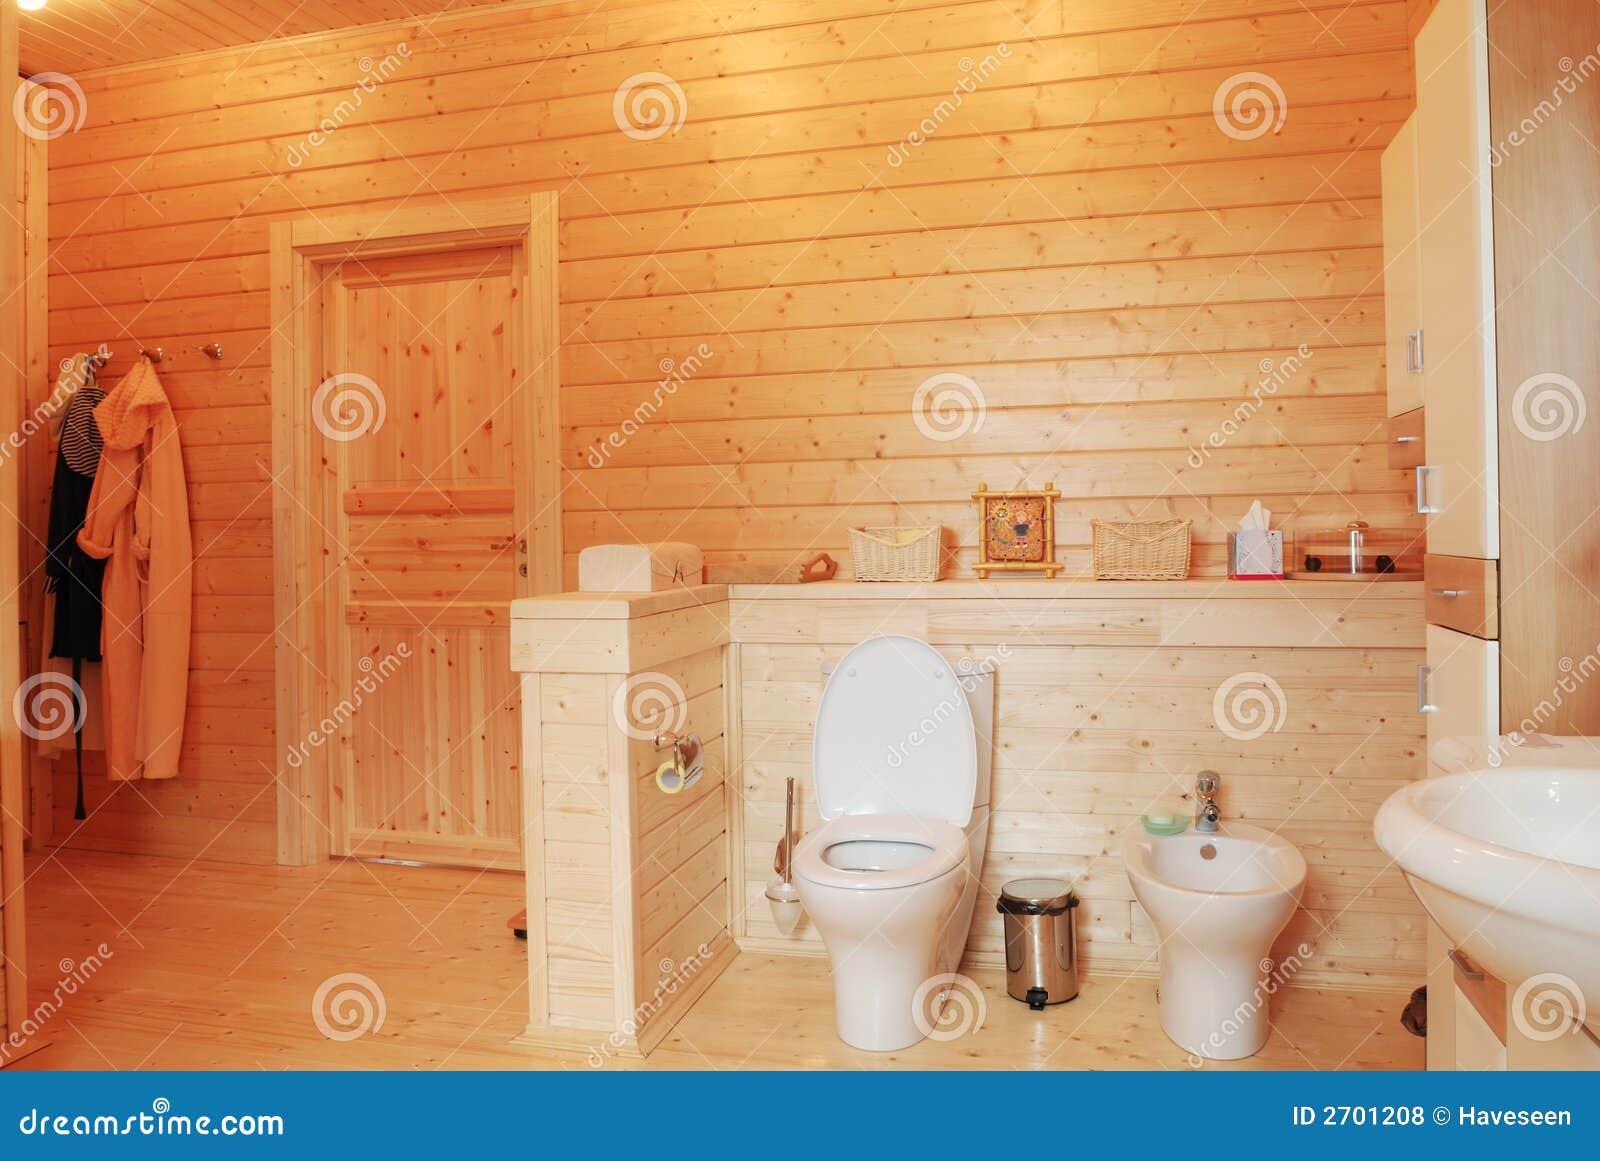 Houten badkamers stock foto. Afbeelding bestaande uit badkamers ...